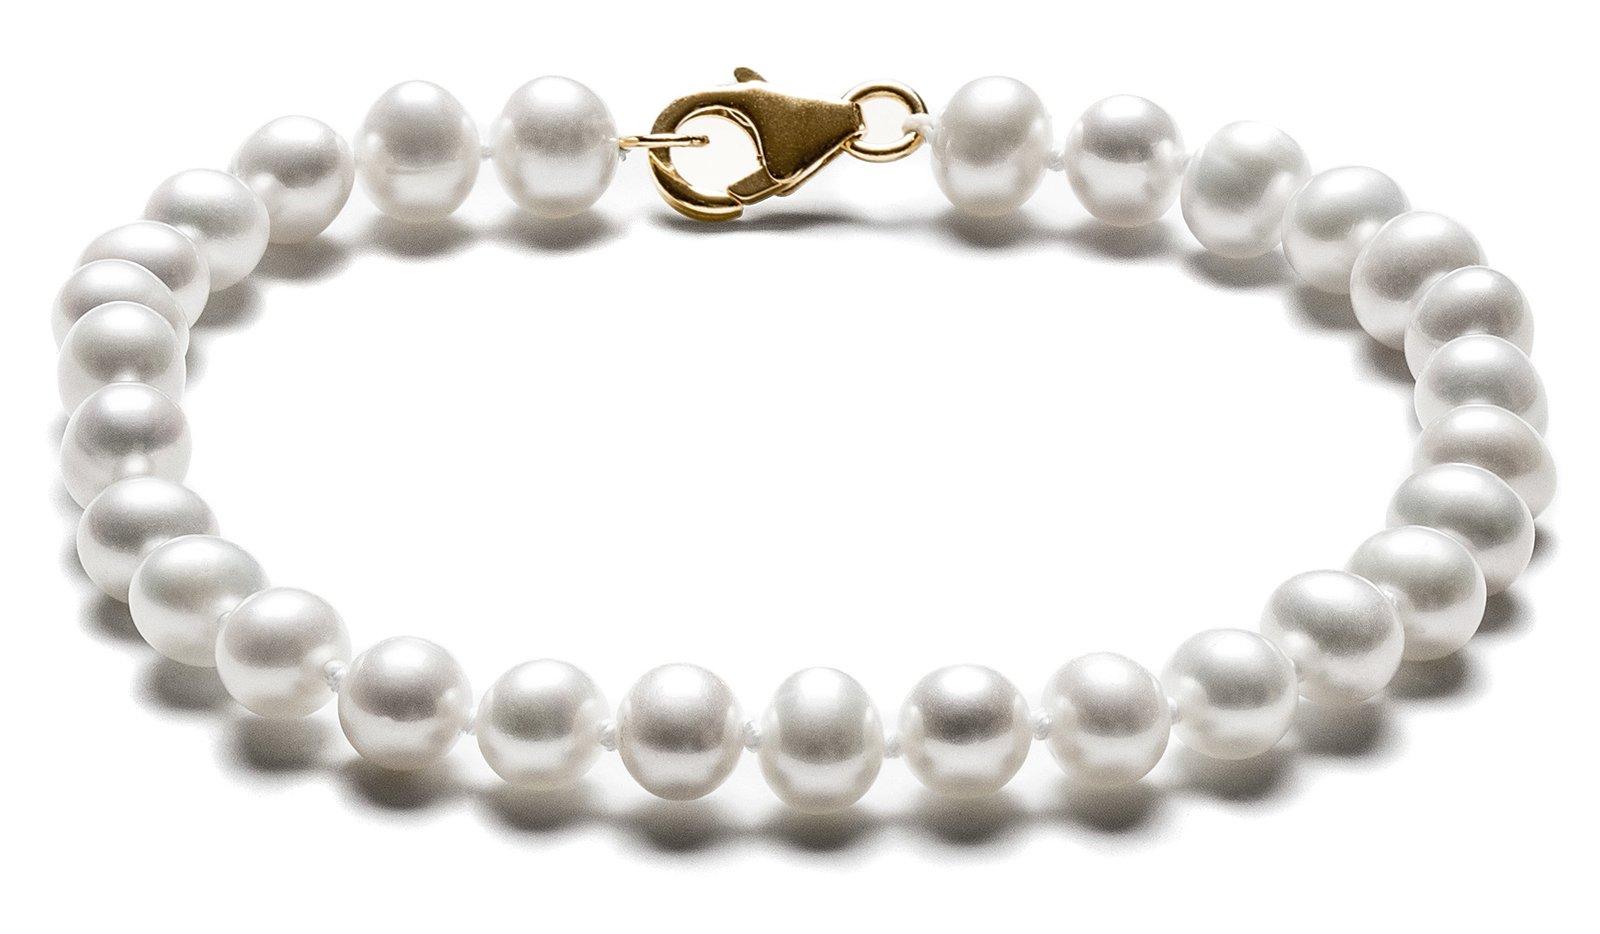 SilverLuxe 14kt Gold Genuine Freshwater Pearl Bracelet 5-6mm 7.5''